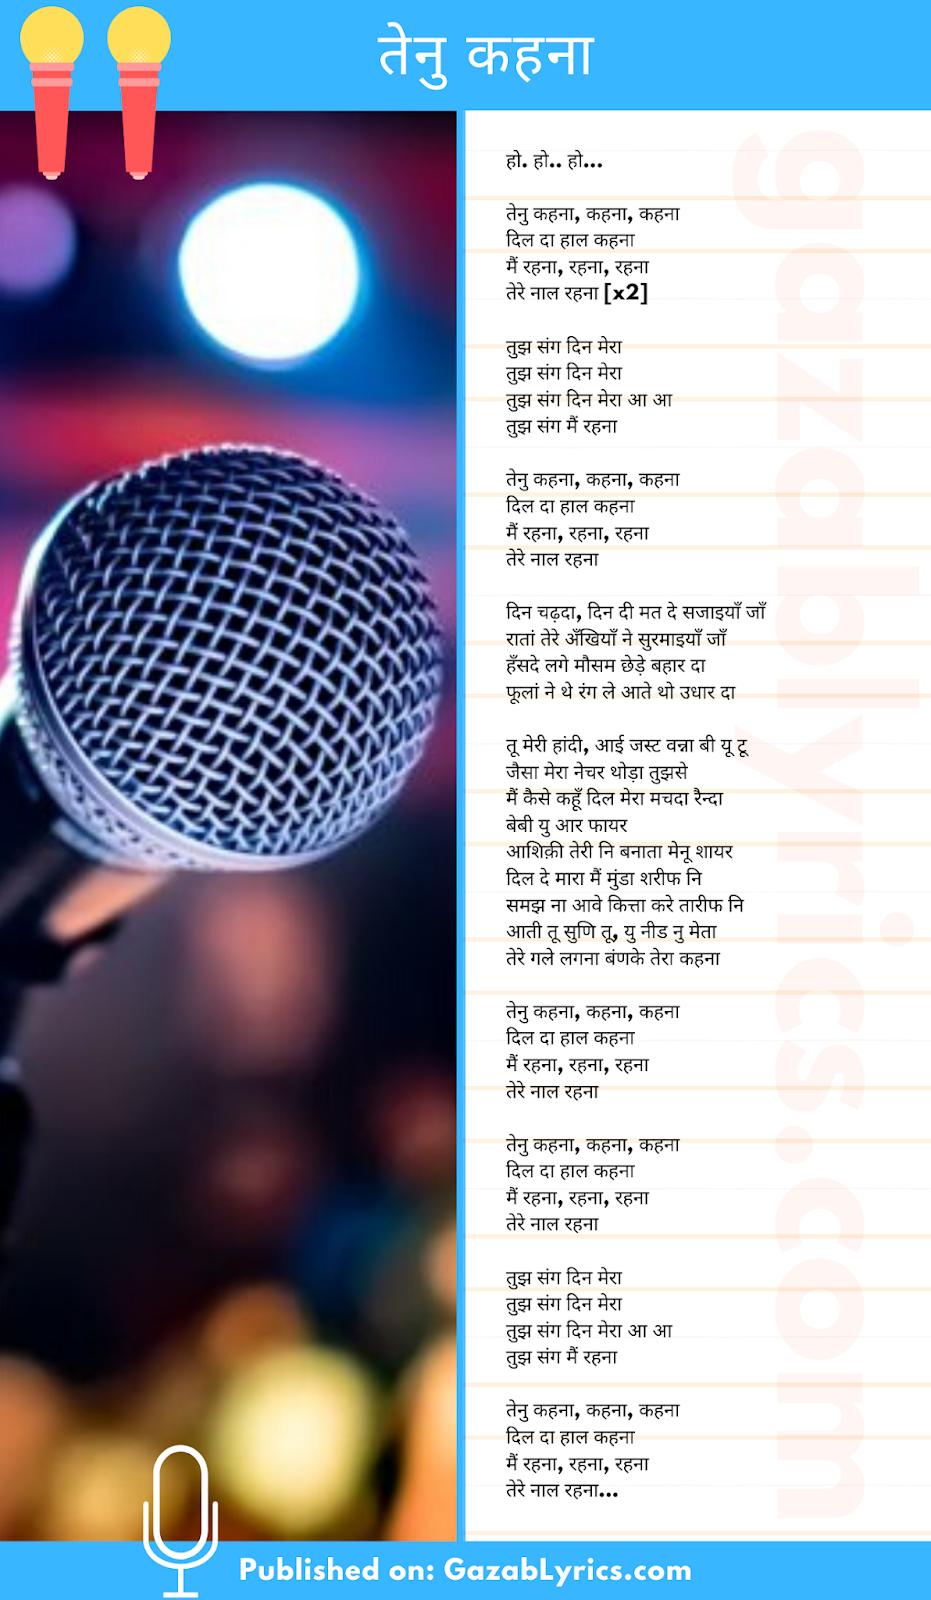 Tenu Kehna song lyrics image